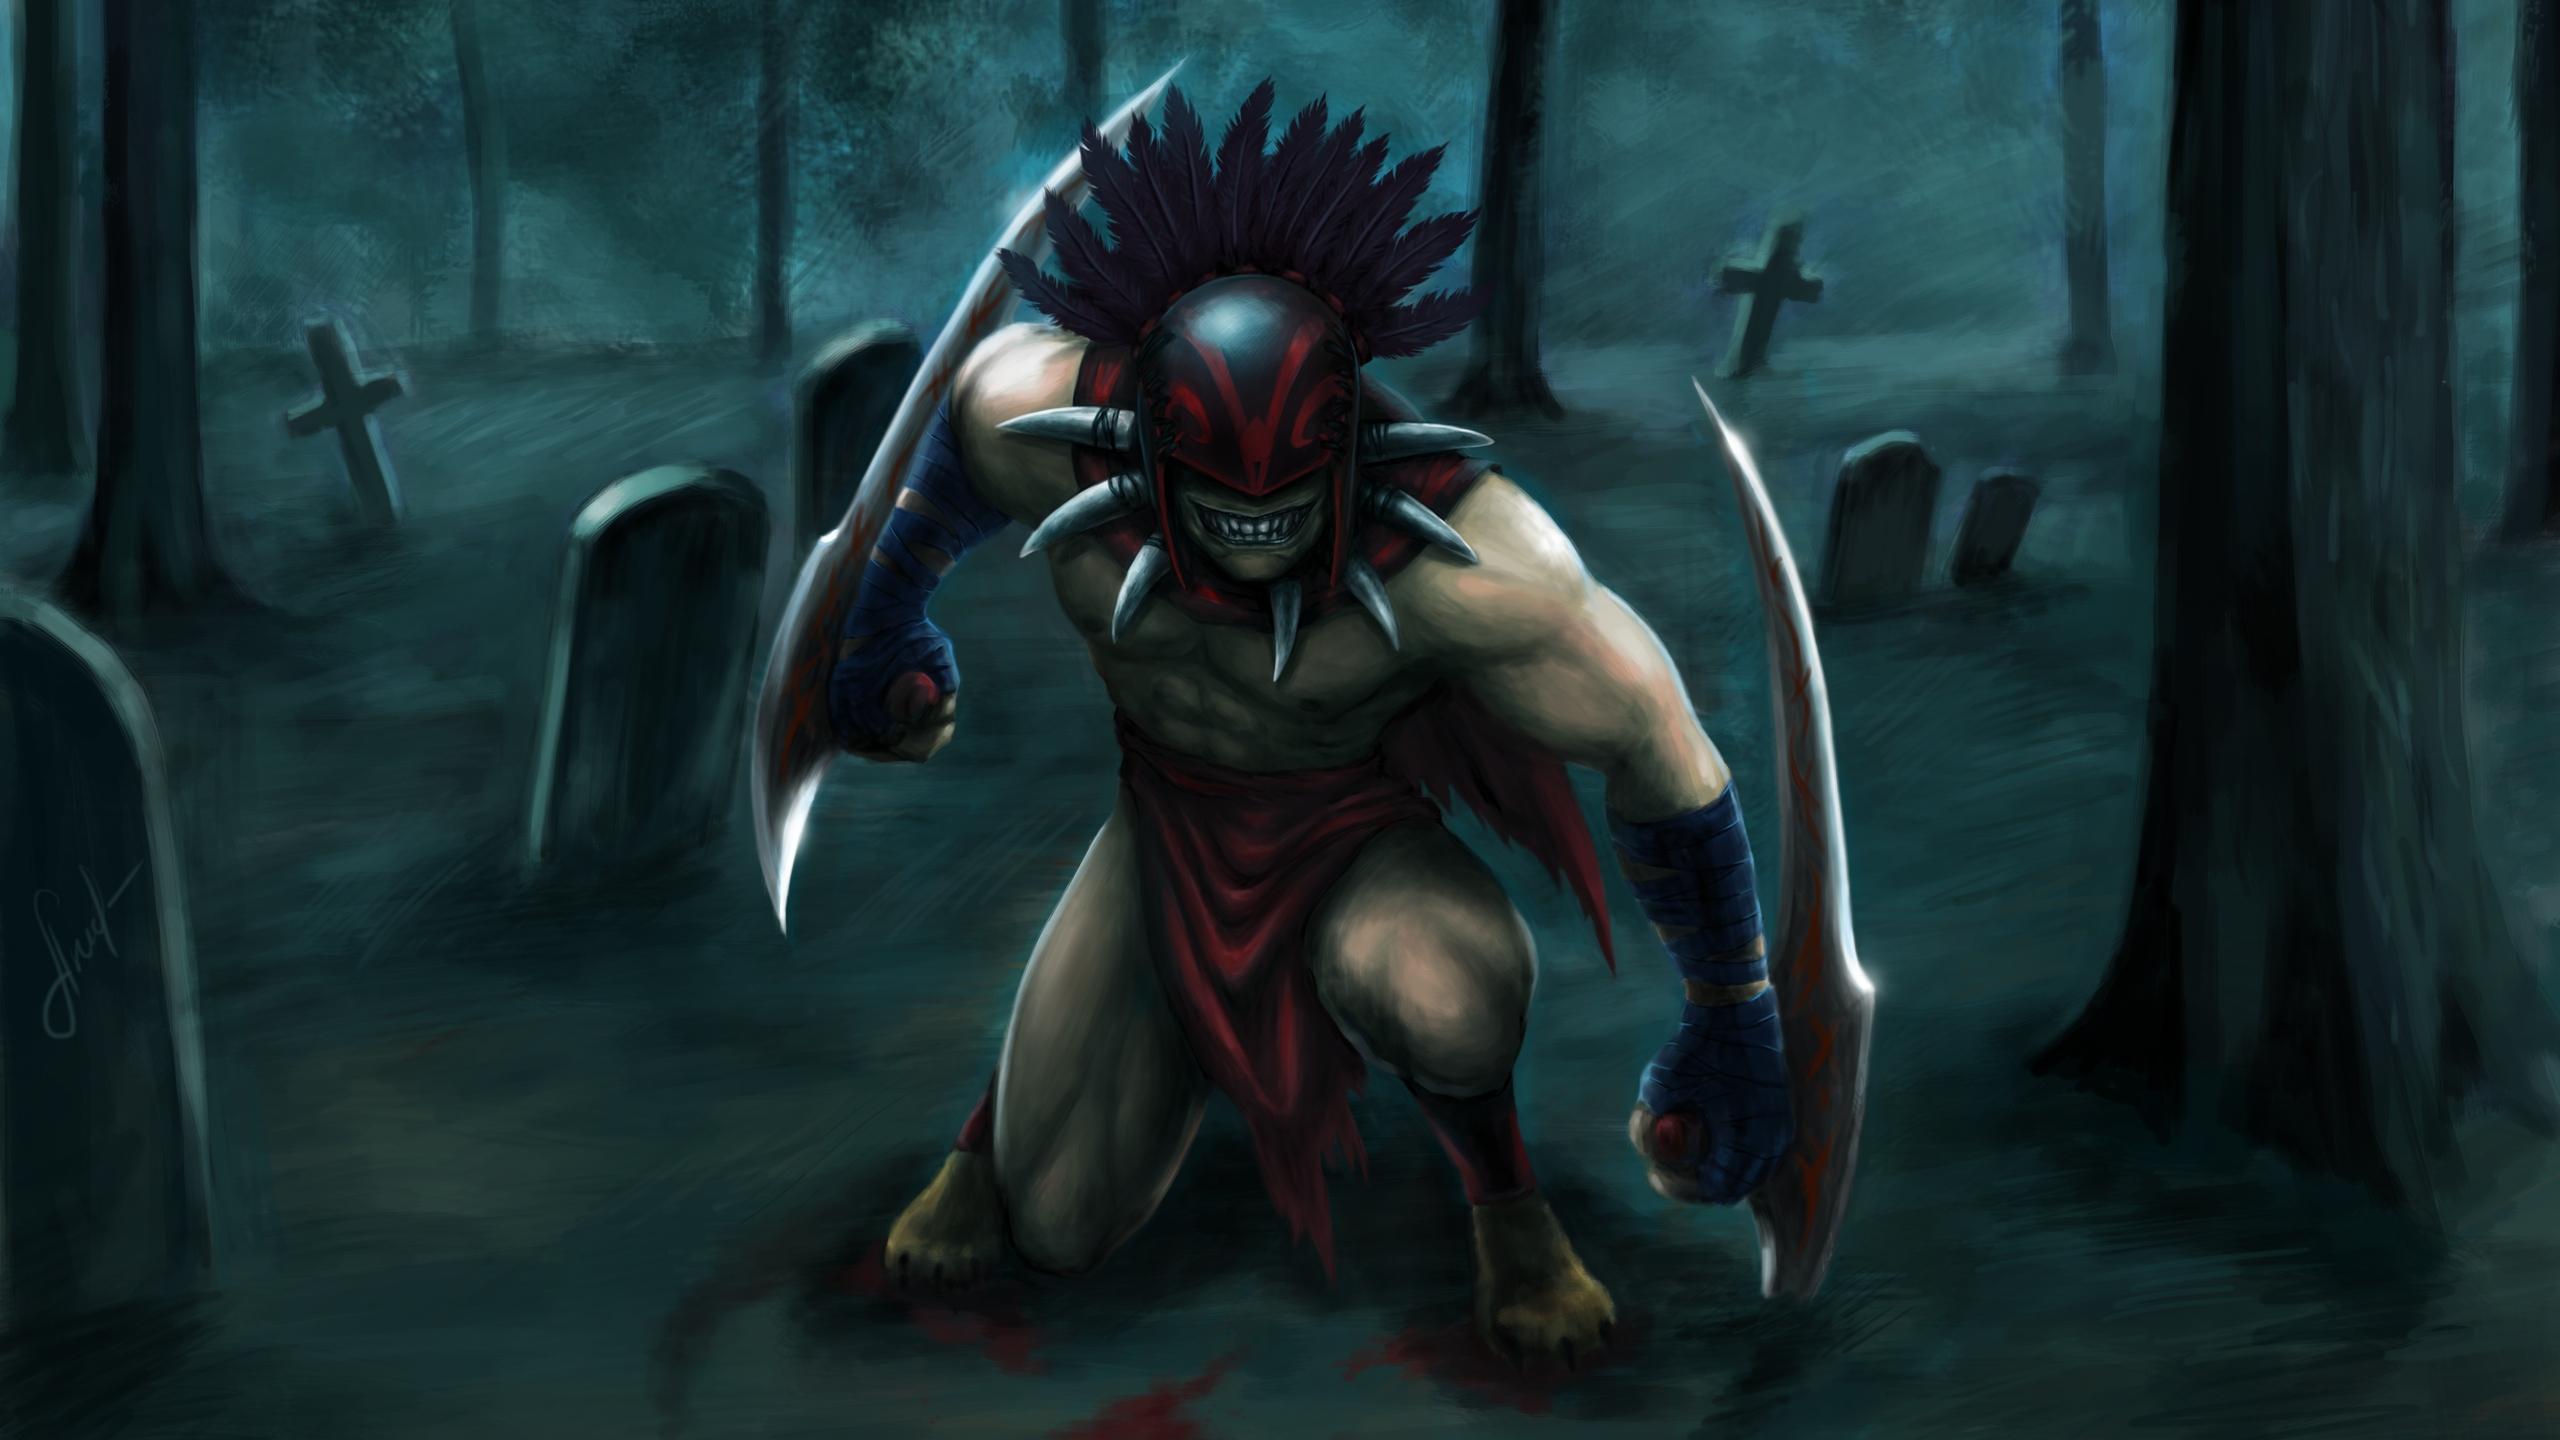 Download Original - Bloodseeker Dota 2 Art , HD Wallpaper & Backgrounds